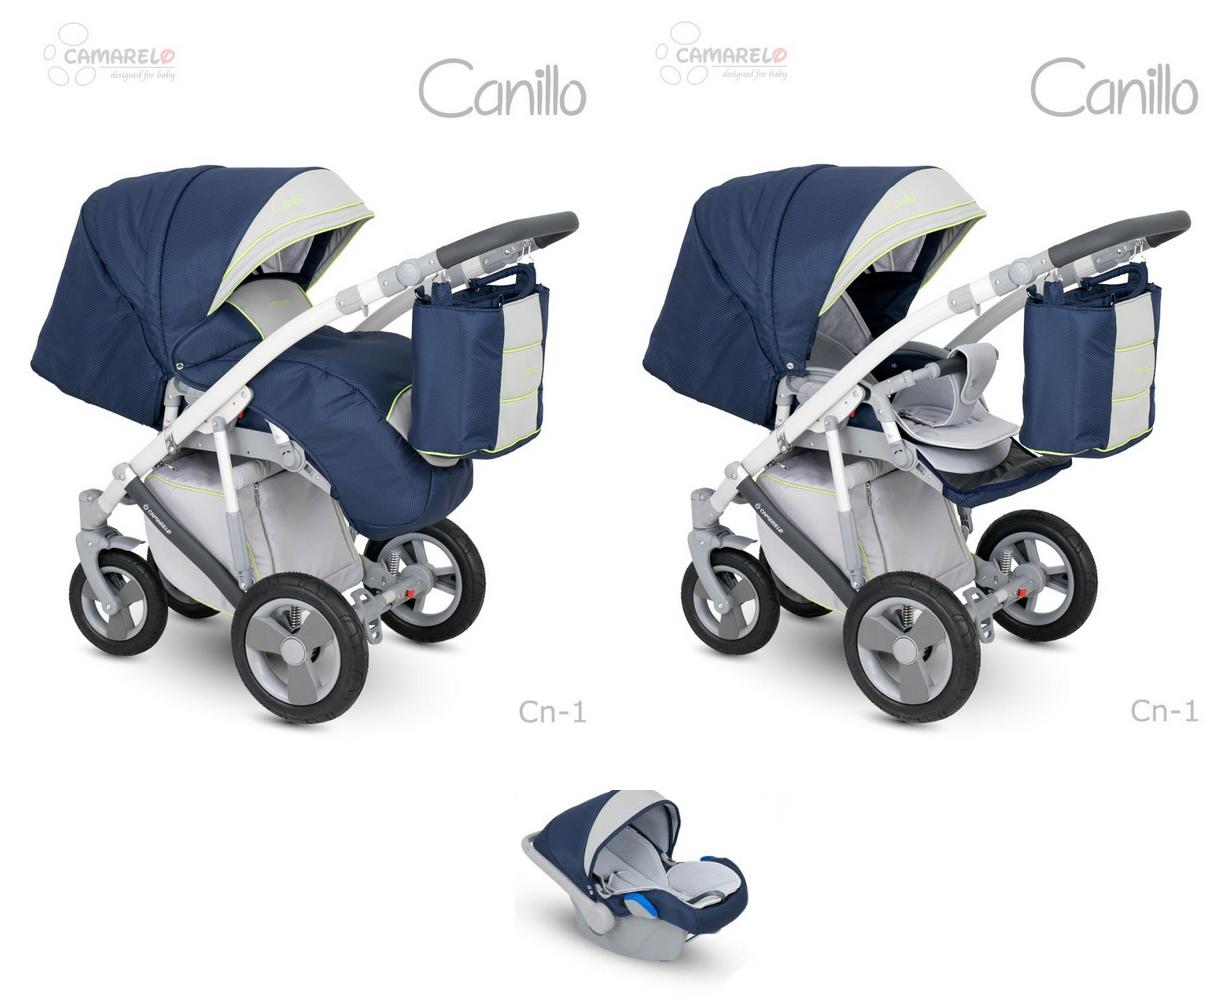 Camarelo Canillo CN-1 Bērnu rati 3in1